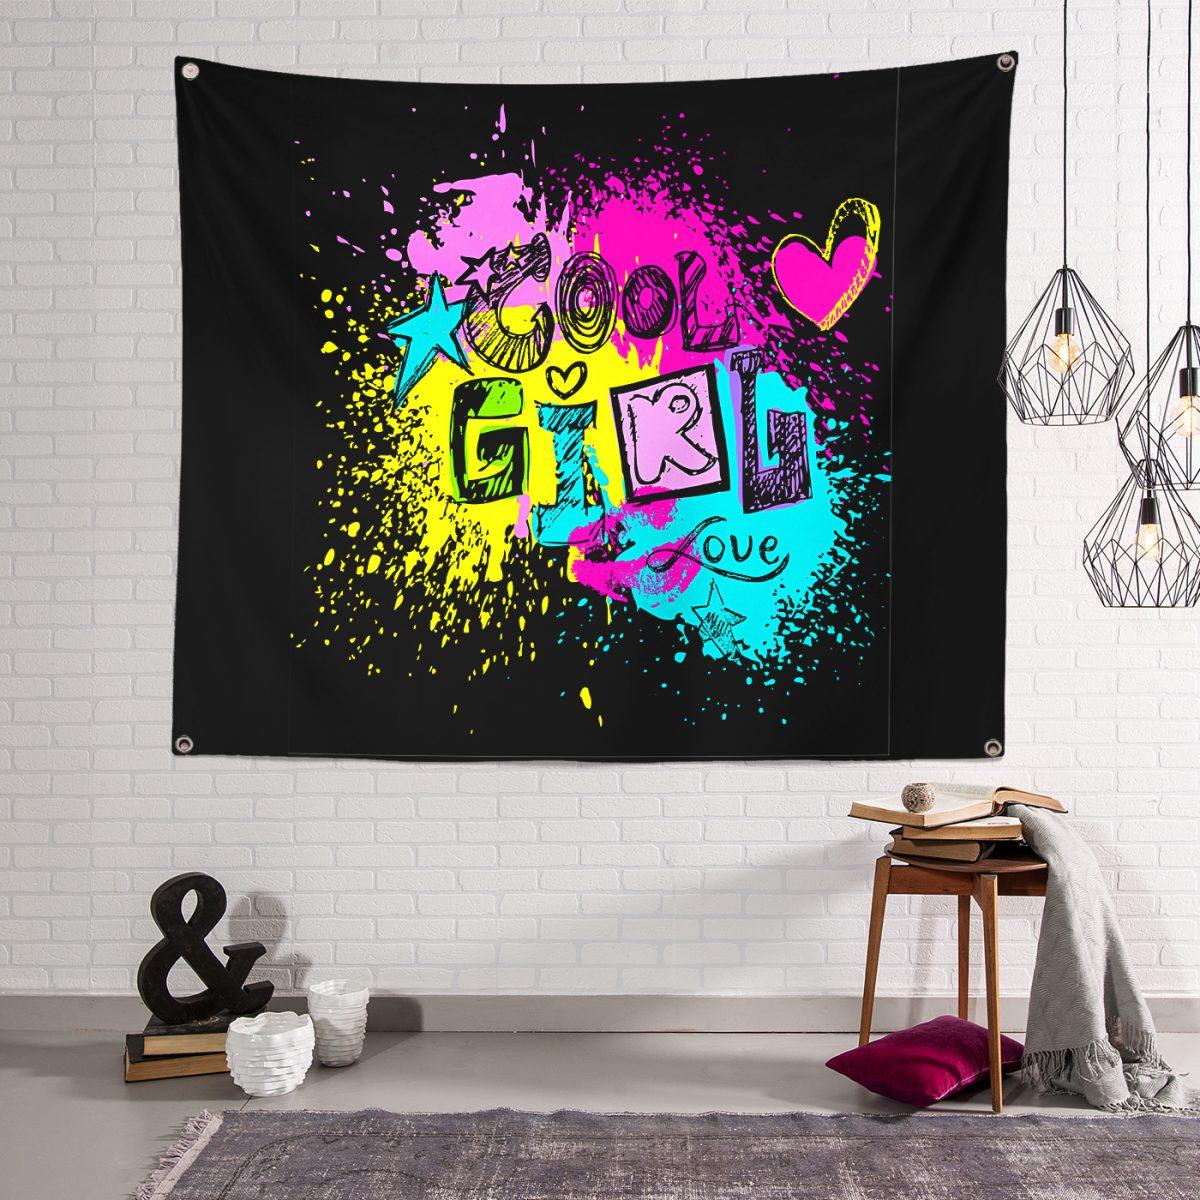 Cool Girl Dijital Baskılı Özel Tasarımlı Dijital Baskılı Tapestry Duvar Örtüsü Realhomes